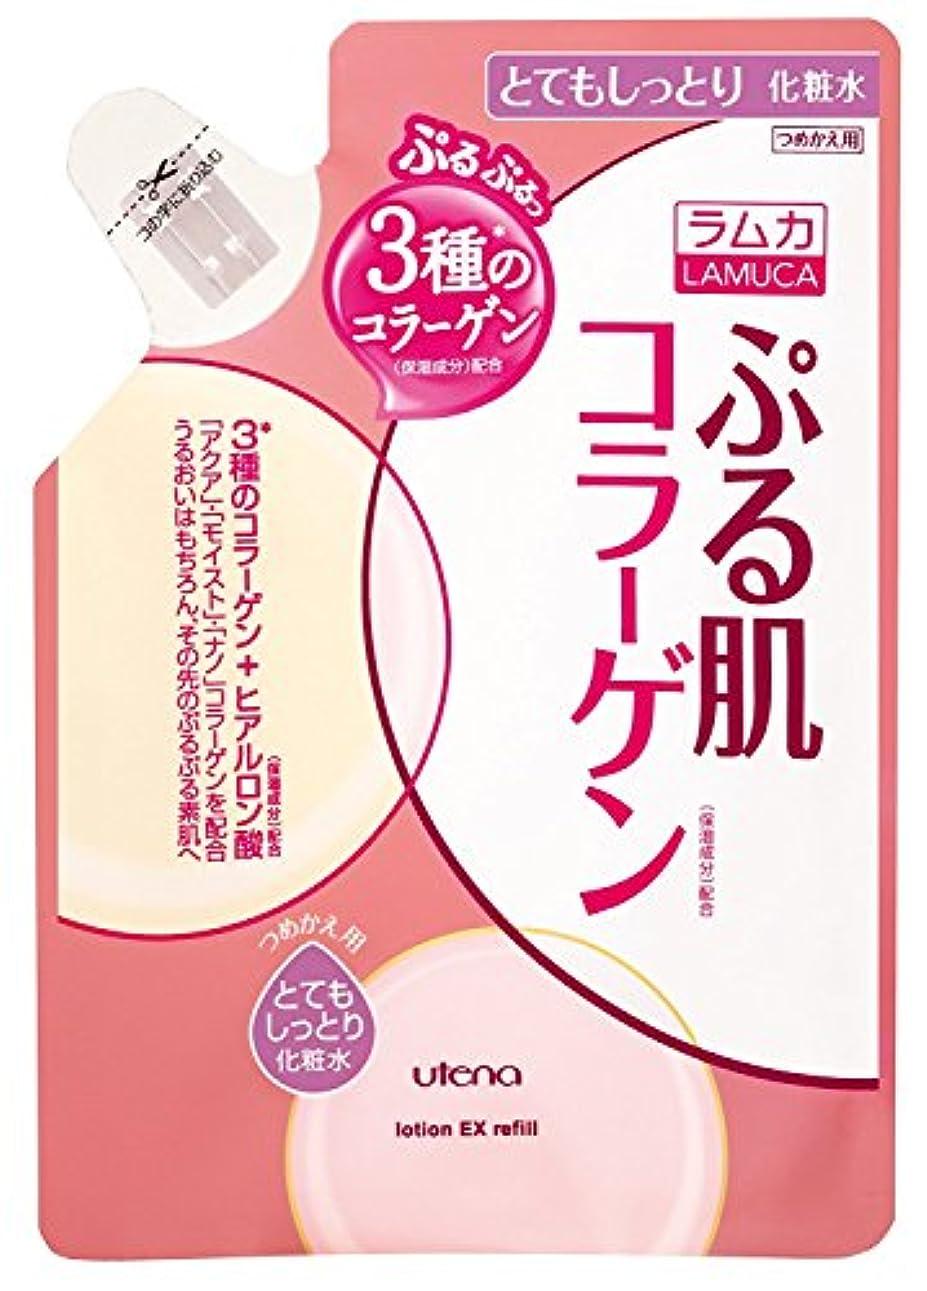 論理的ボイドそのような【ウテナ】ラムカ ぷる肌化粧水 とてもしっとり つめかえ用 180ml ×3個セット